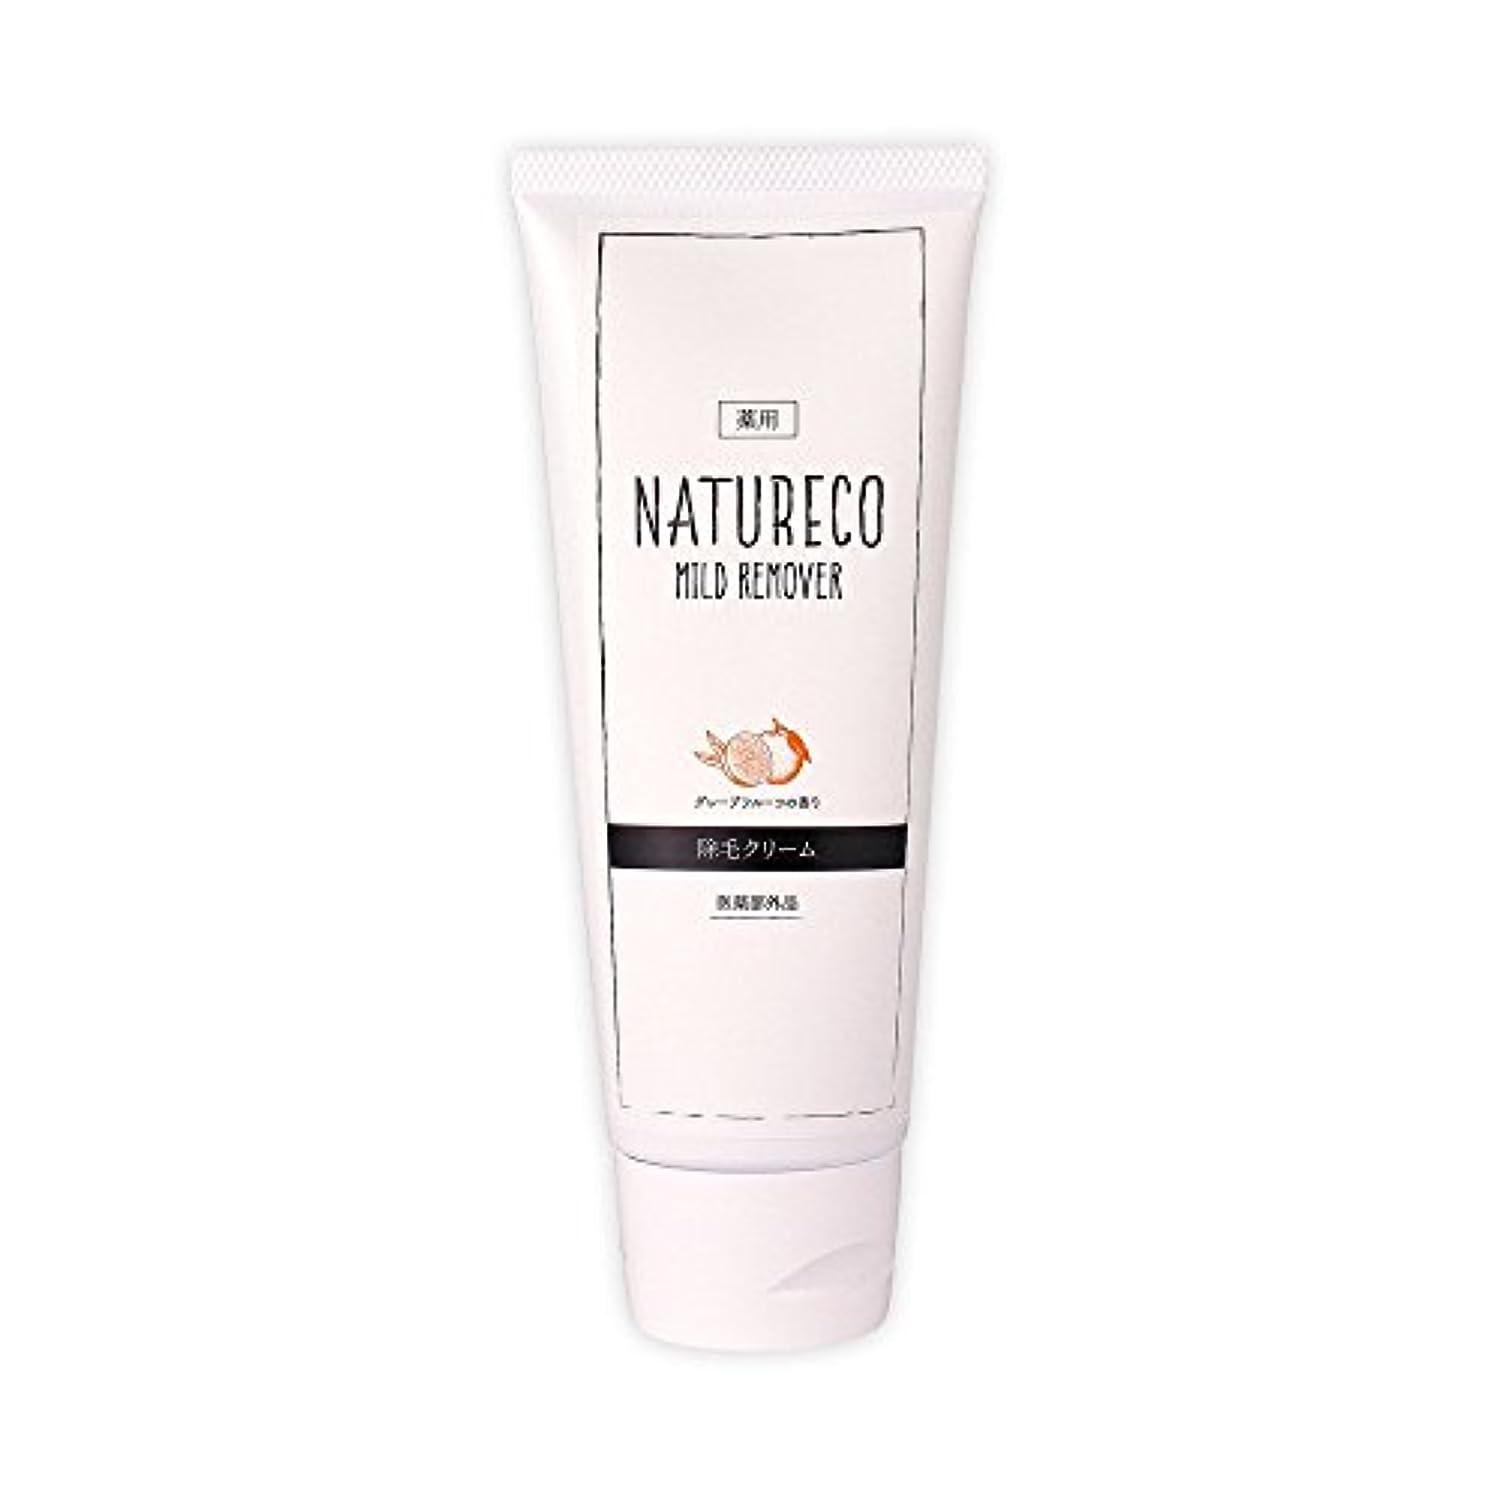 が欲しい島輝度ナチュレコ 除毛クリーム 薬用 120g<さわやかな香り> 脱毛クリーム 肌に優しい除毛クリーム 肌荒れしにくい成分配合 薬用マイルドリムーバー NATURECO